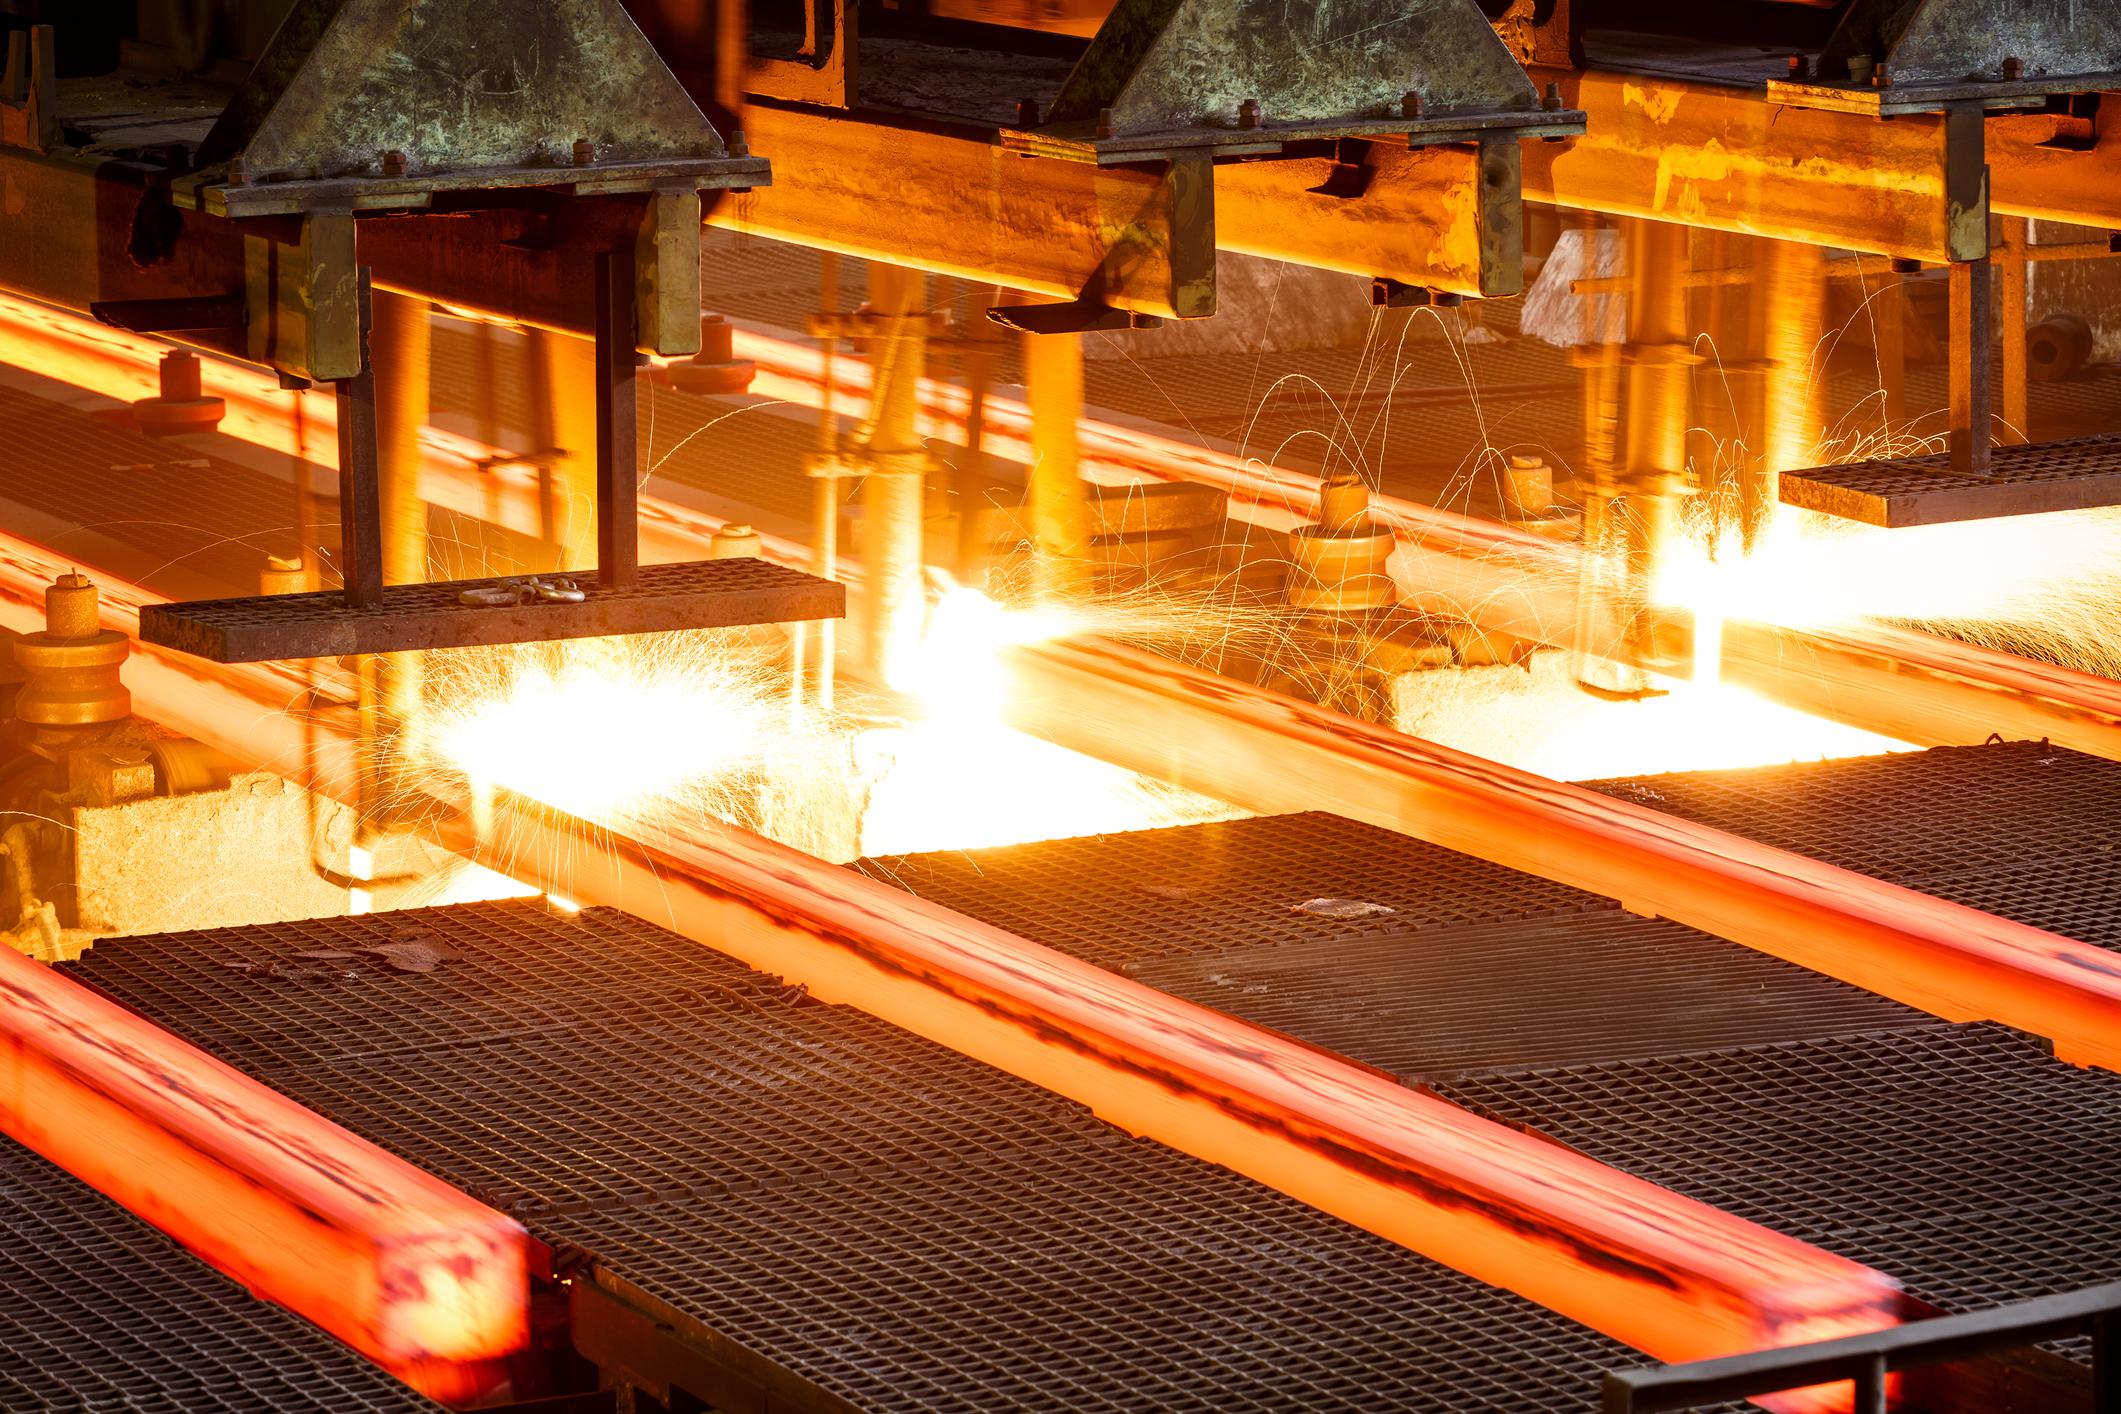 Hot steel on a conveyor in a steel mill